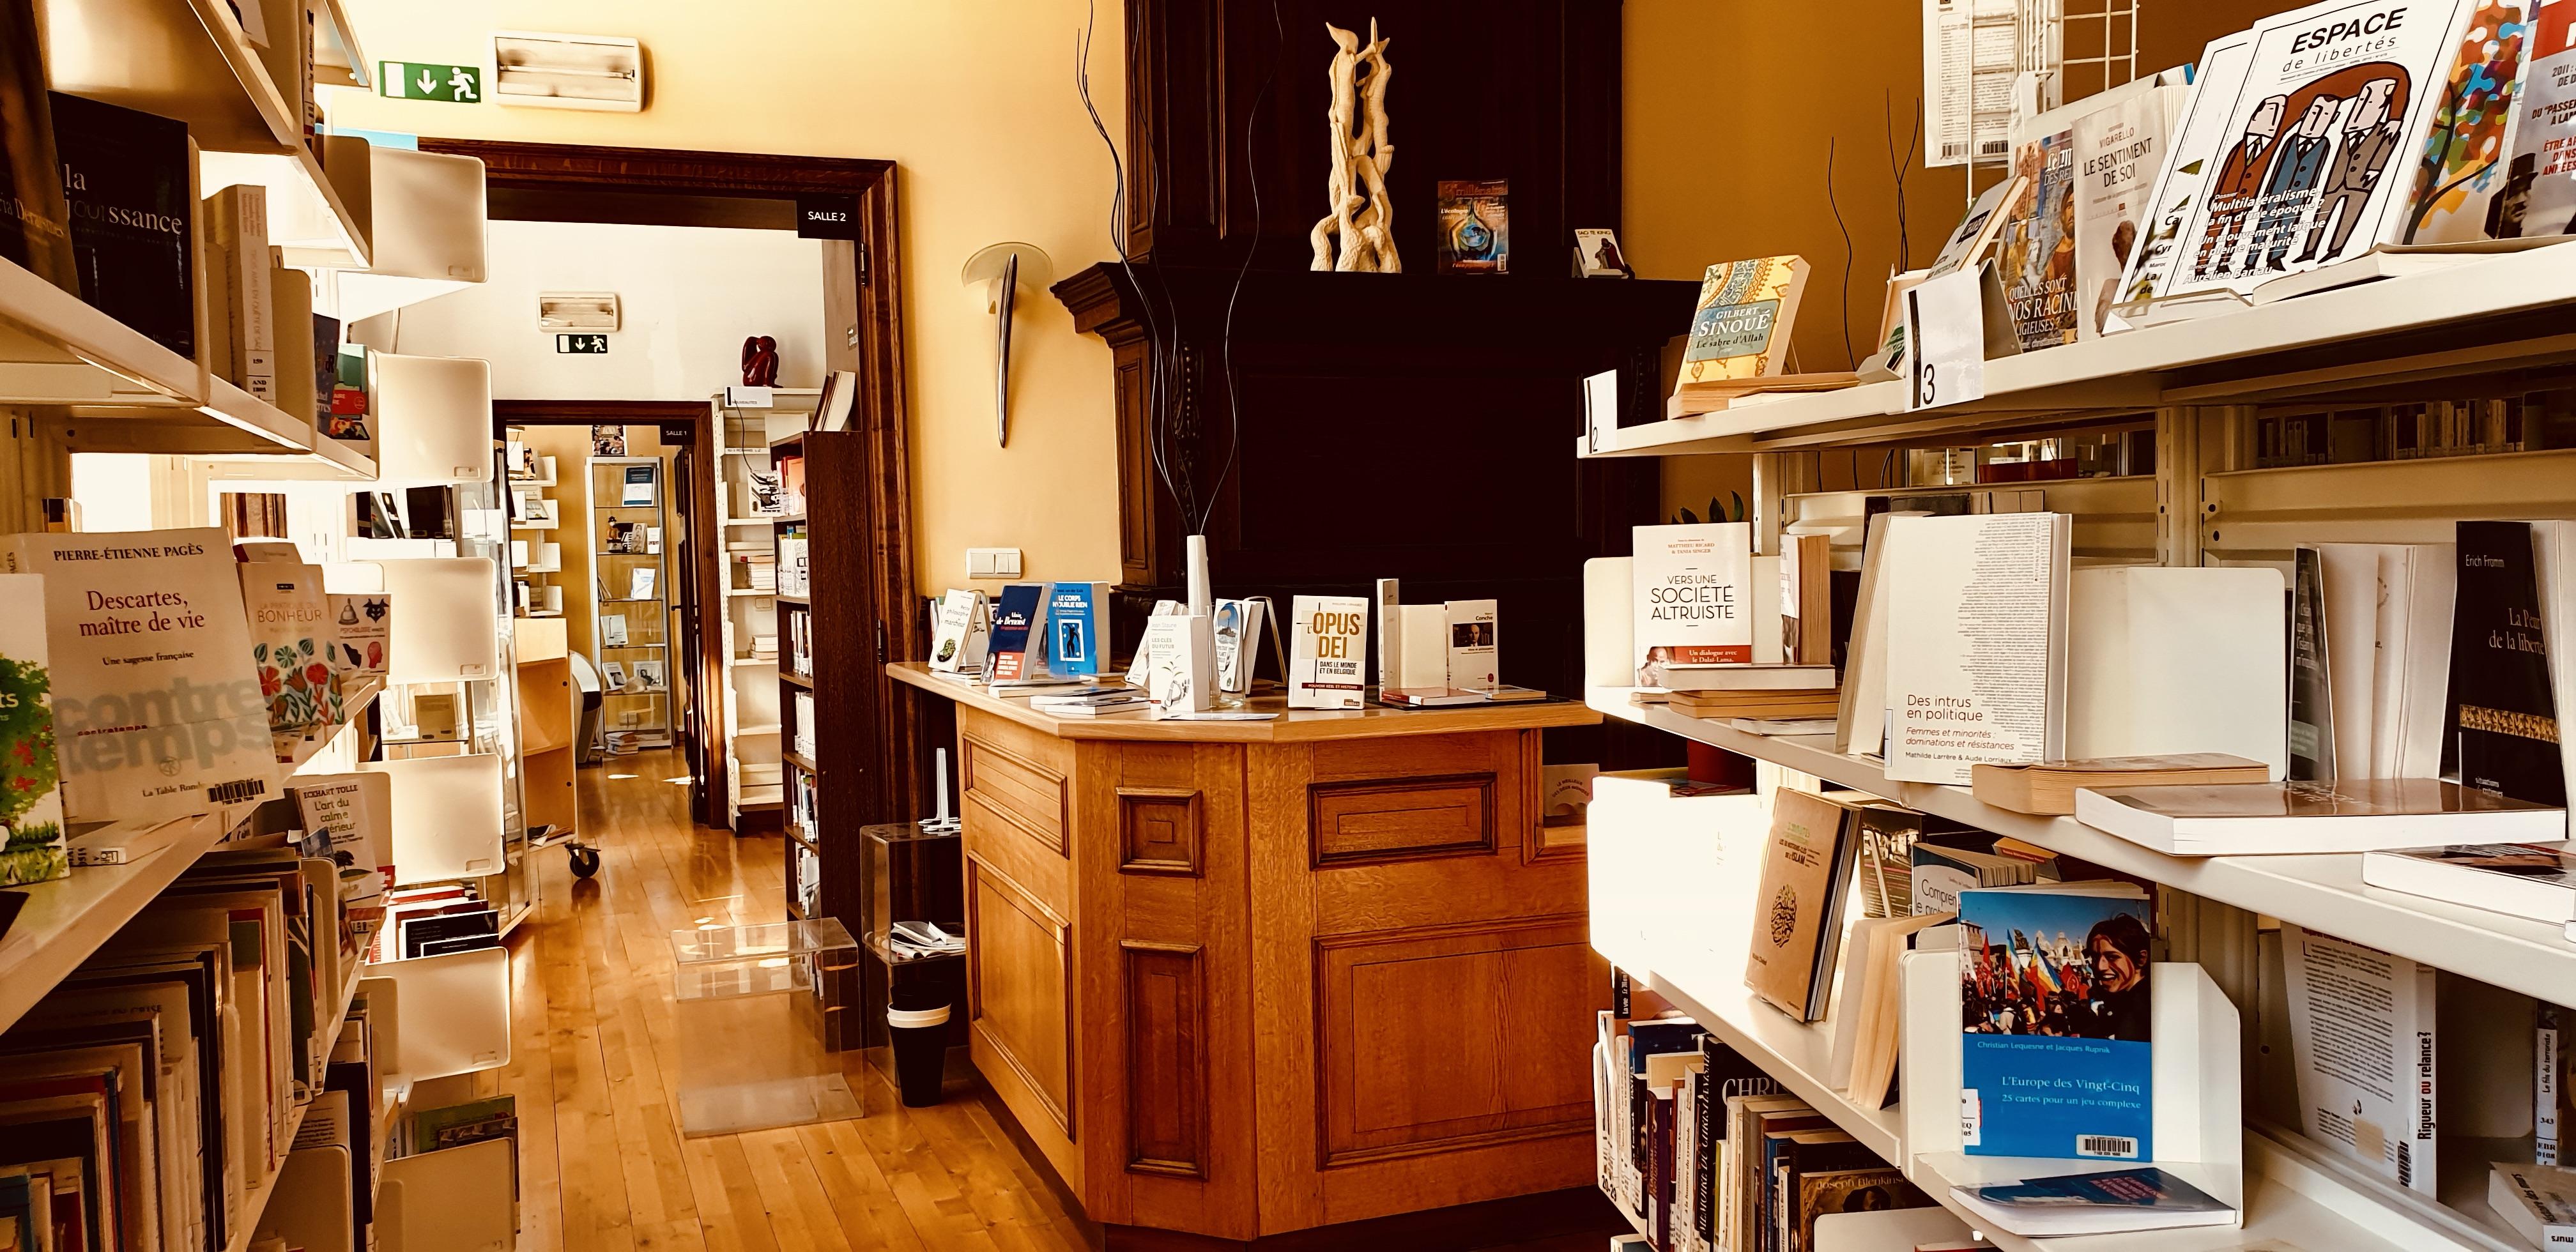 Rayonnages de la bibliothèque de Marchienne-au-Pont